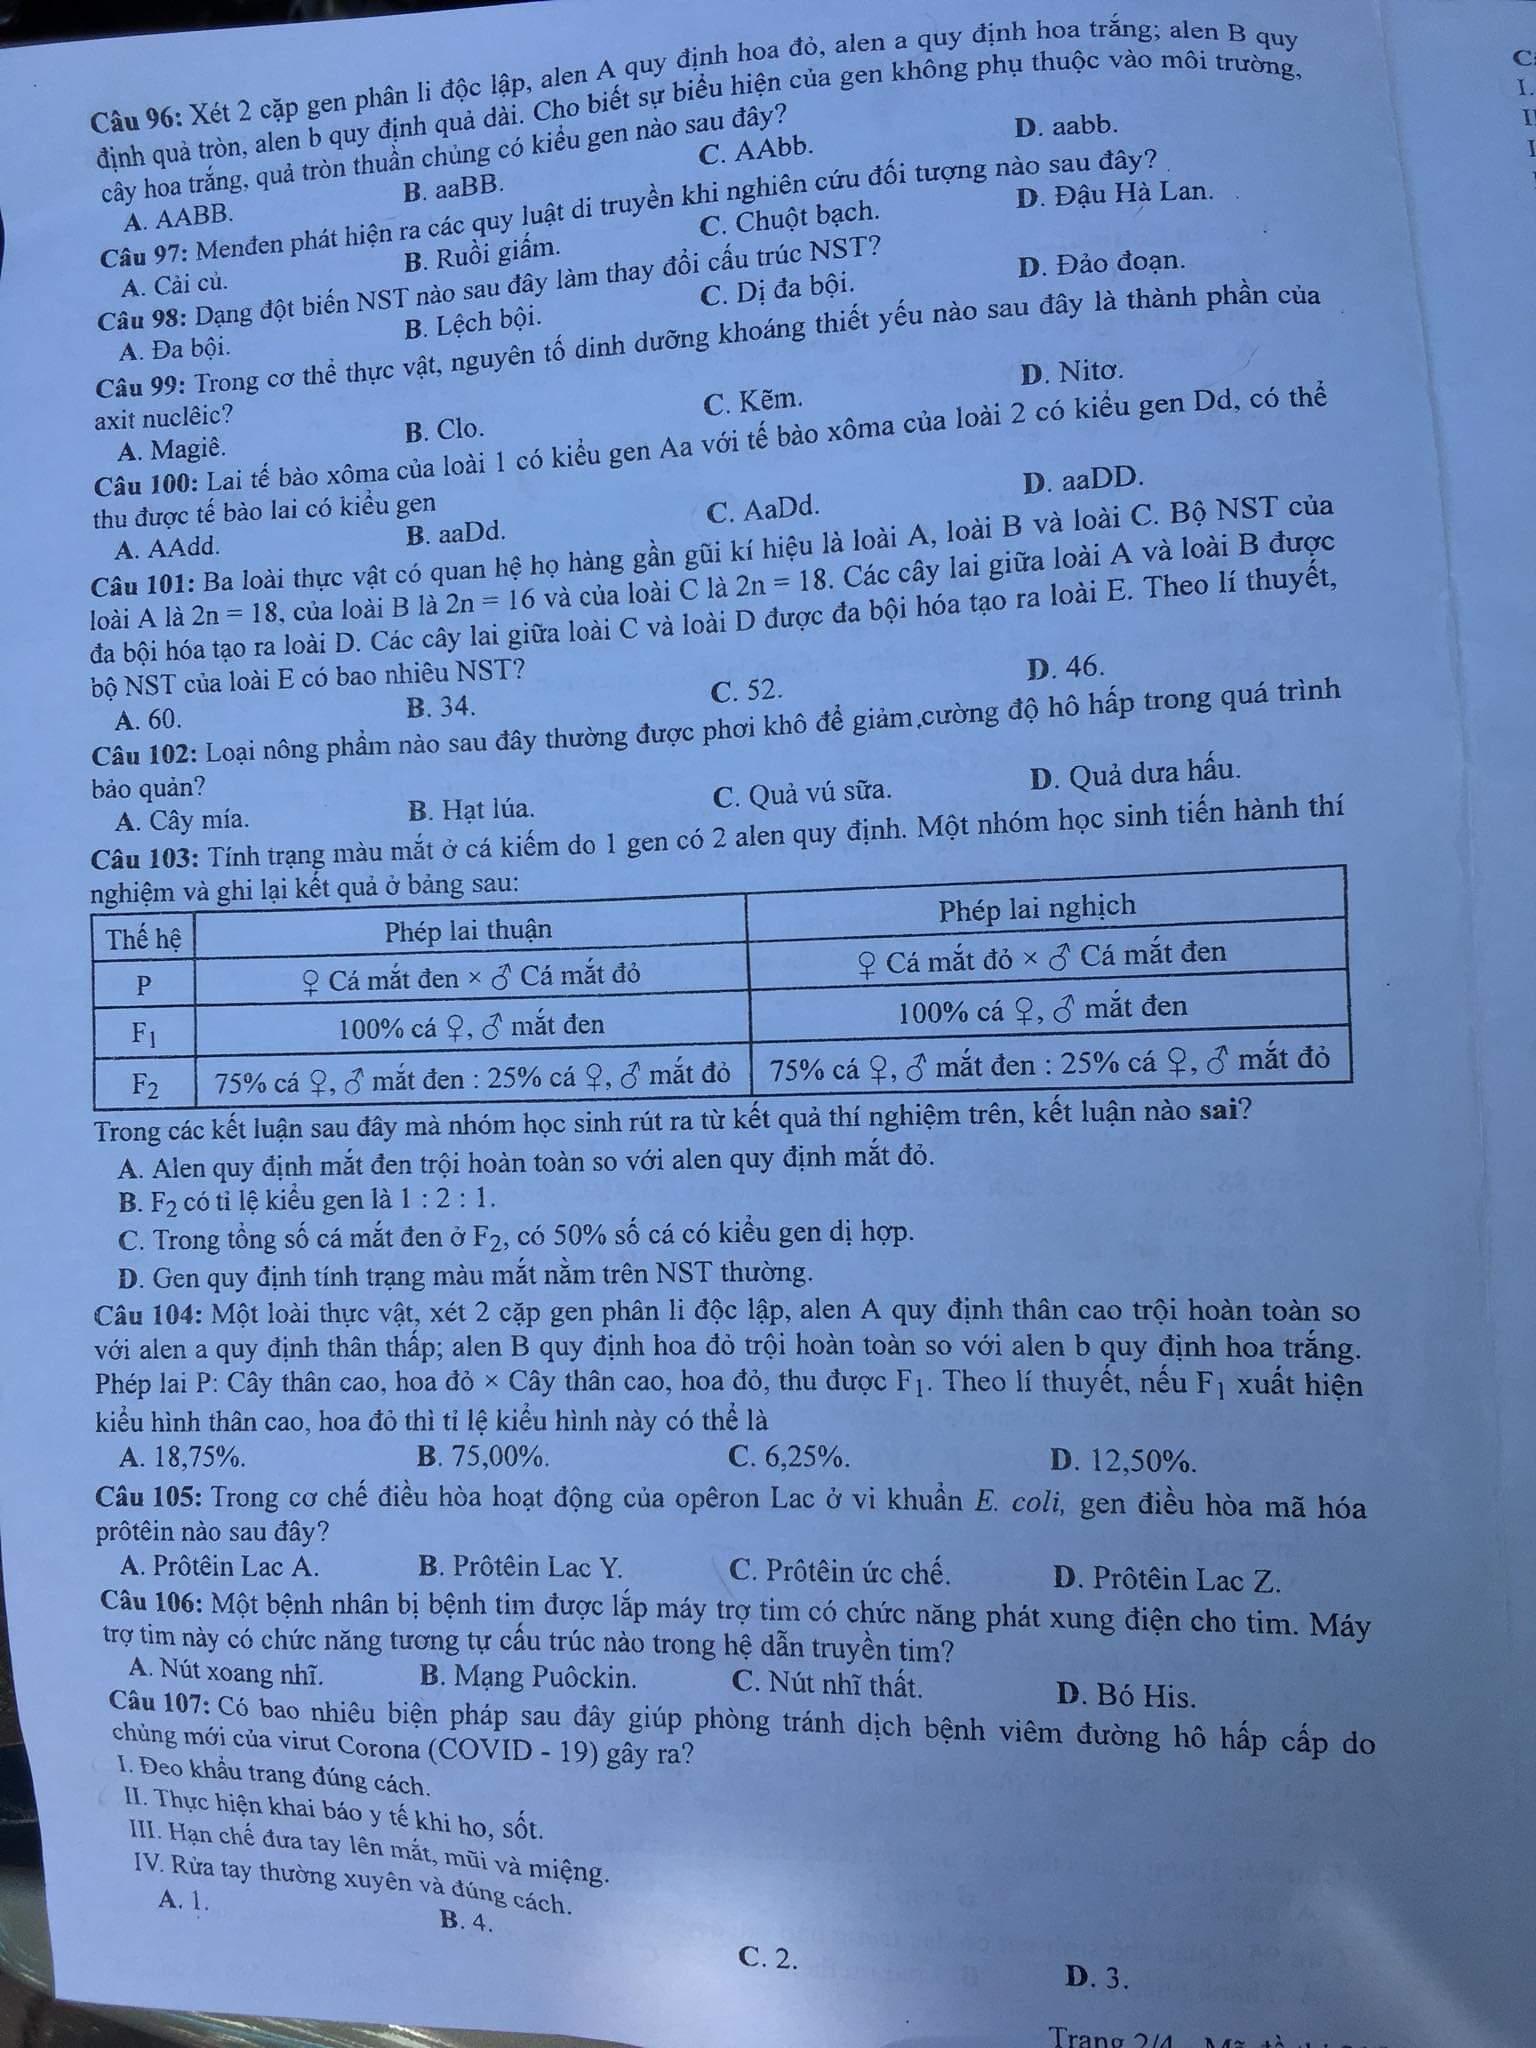 Đáp án đề thi THPT Quốc gia 2020 Sinh học ĐÃ ĐỦ 24 MÃ ĐỀ